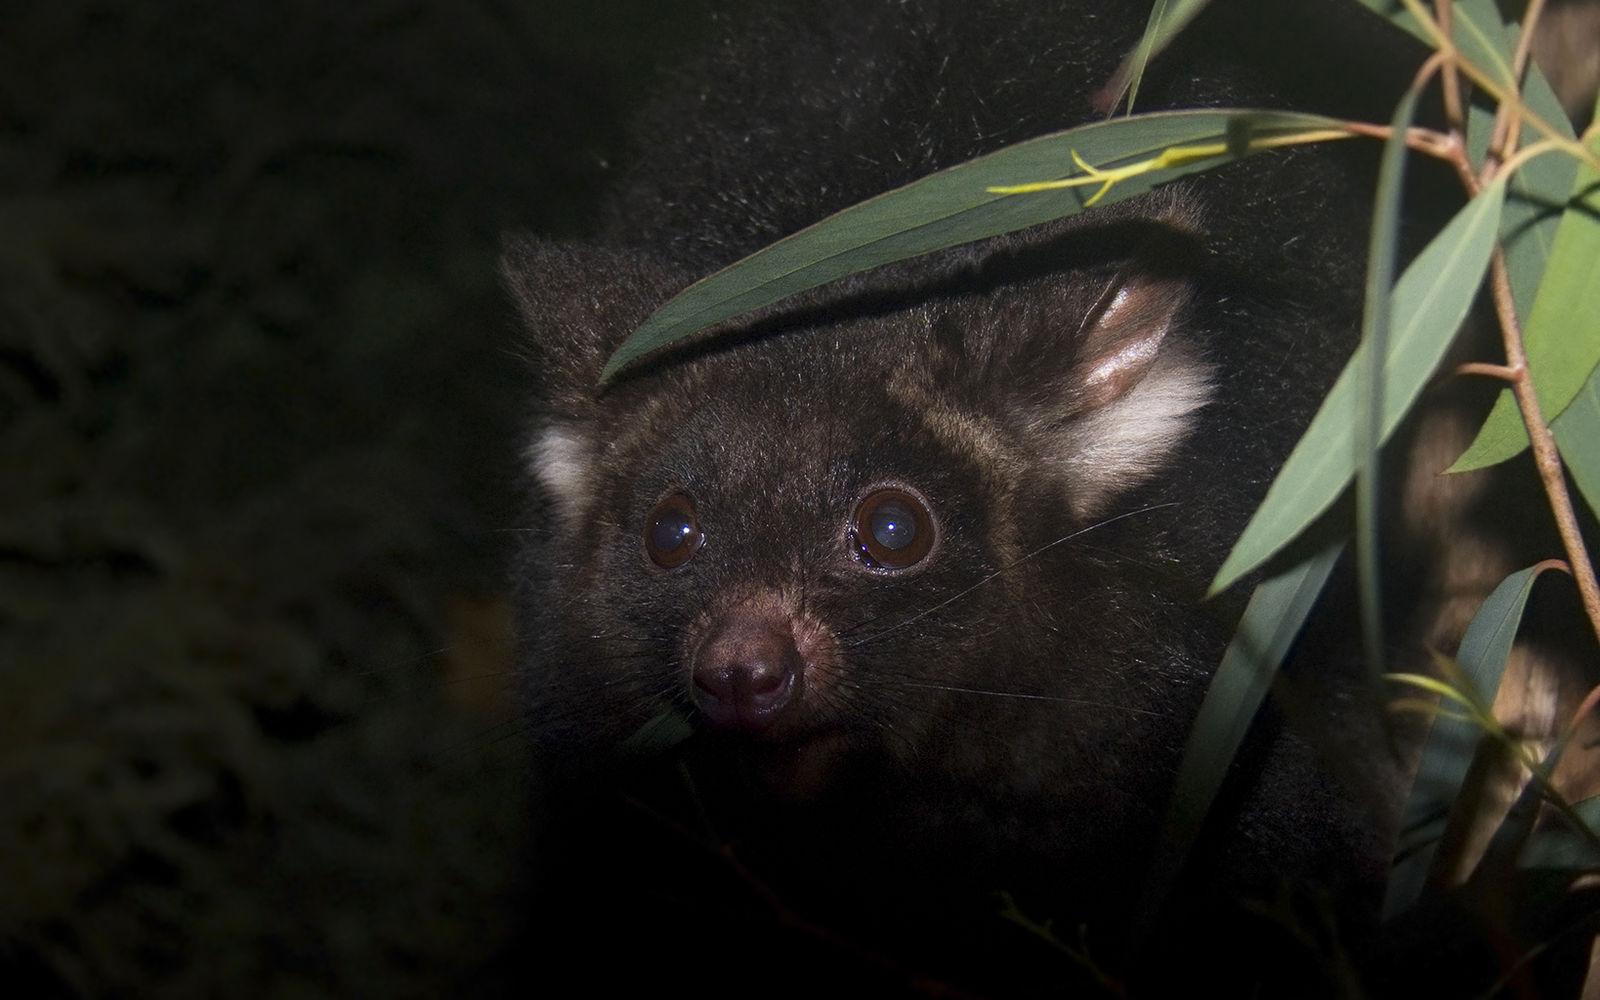 A nagy fajkülönülések napja: a kelet-ausztrál óriás repülőerszényesek sem egy, hanem három különálló faj